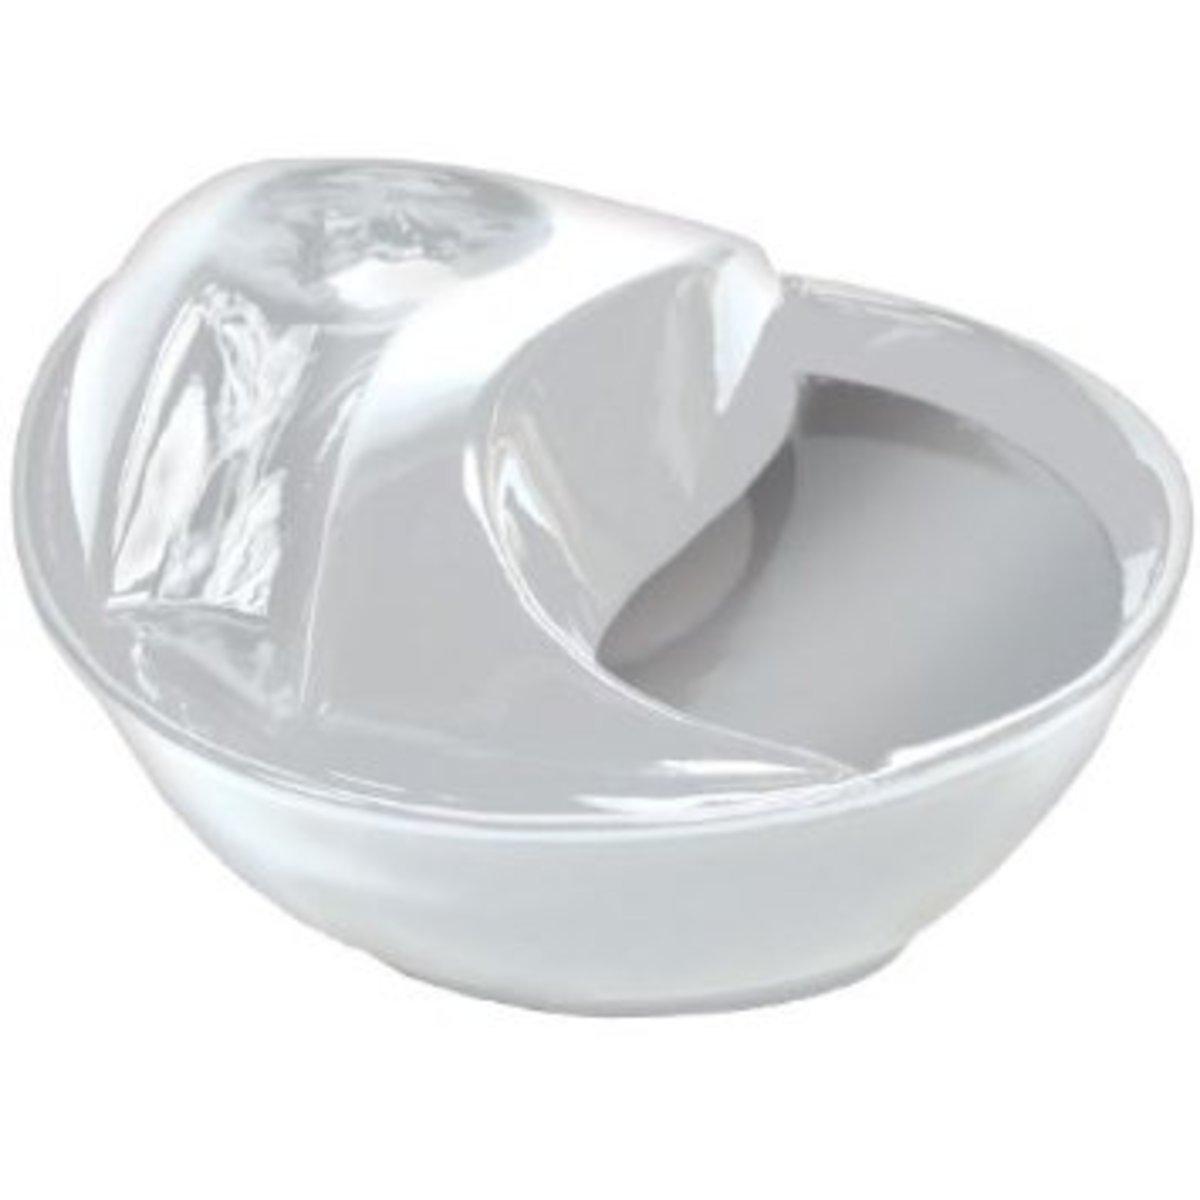 白色陶瓷寵物飲水機 (優惠套裝)